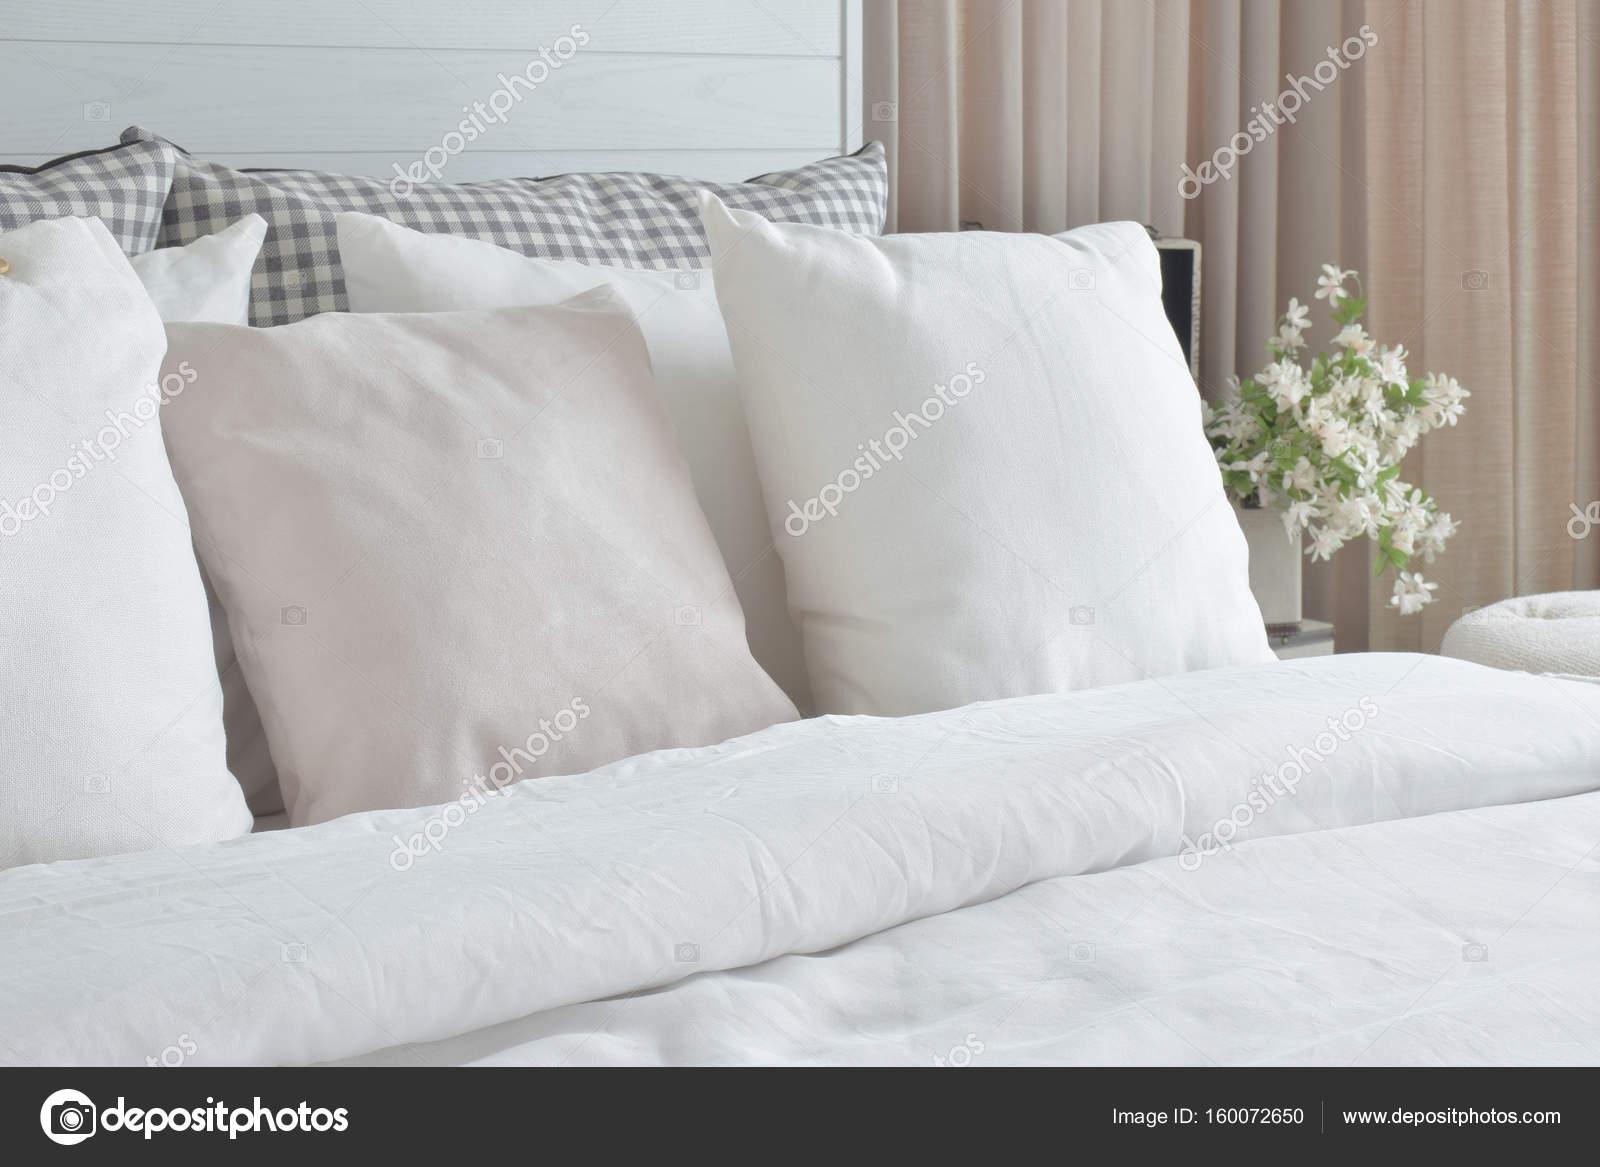 Magnifiek Uit witte kussens instellen op bed met Engelse landelijke stijl &BF96